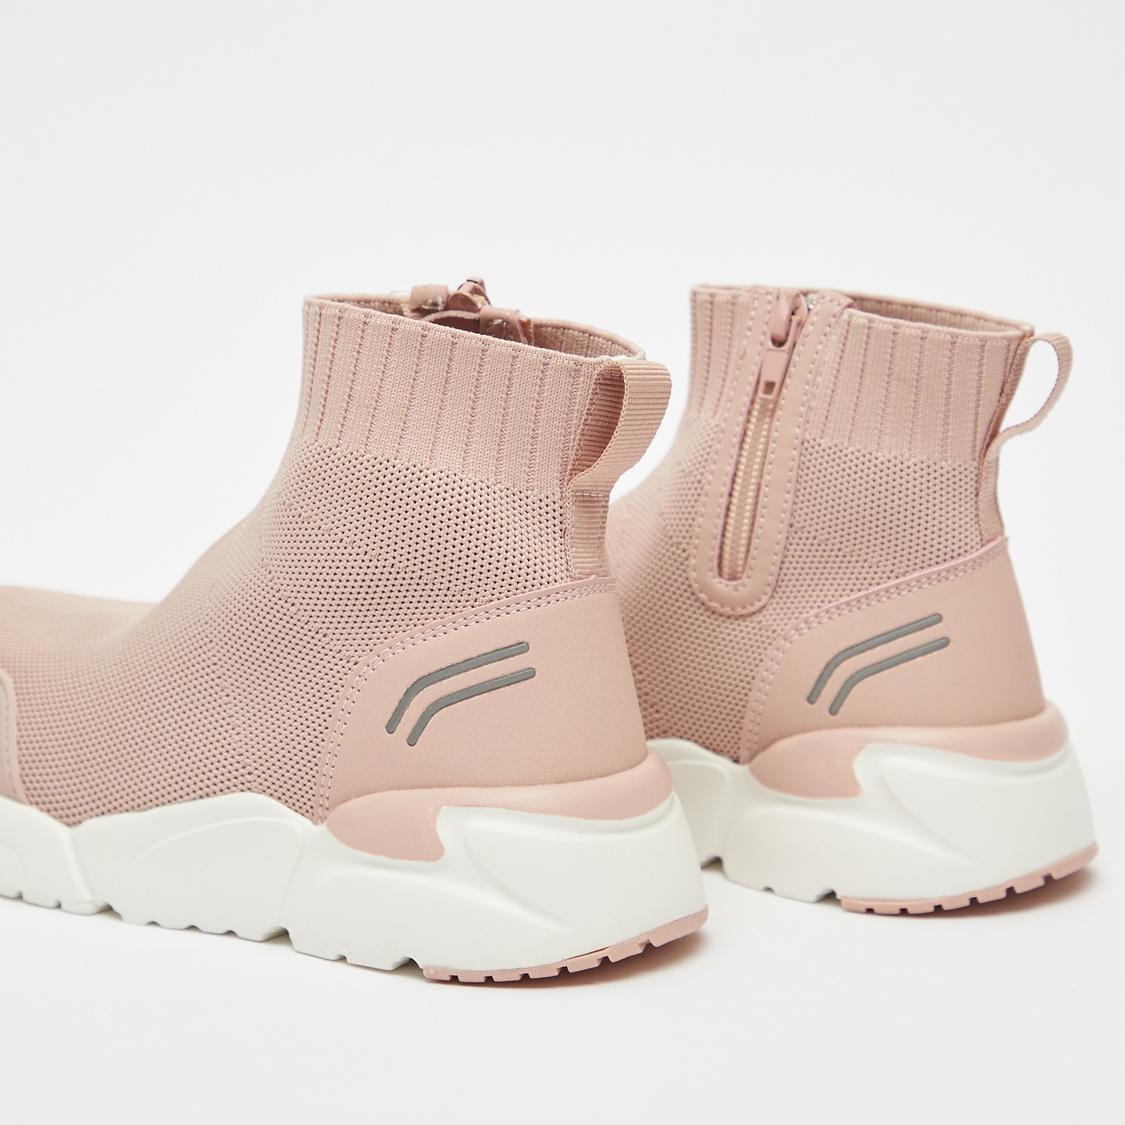 حذاء سنيكرز بارز الملمس بياقة عالية وسحّاب إغلاق ولسان سحب